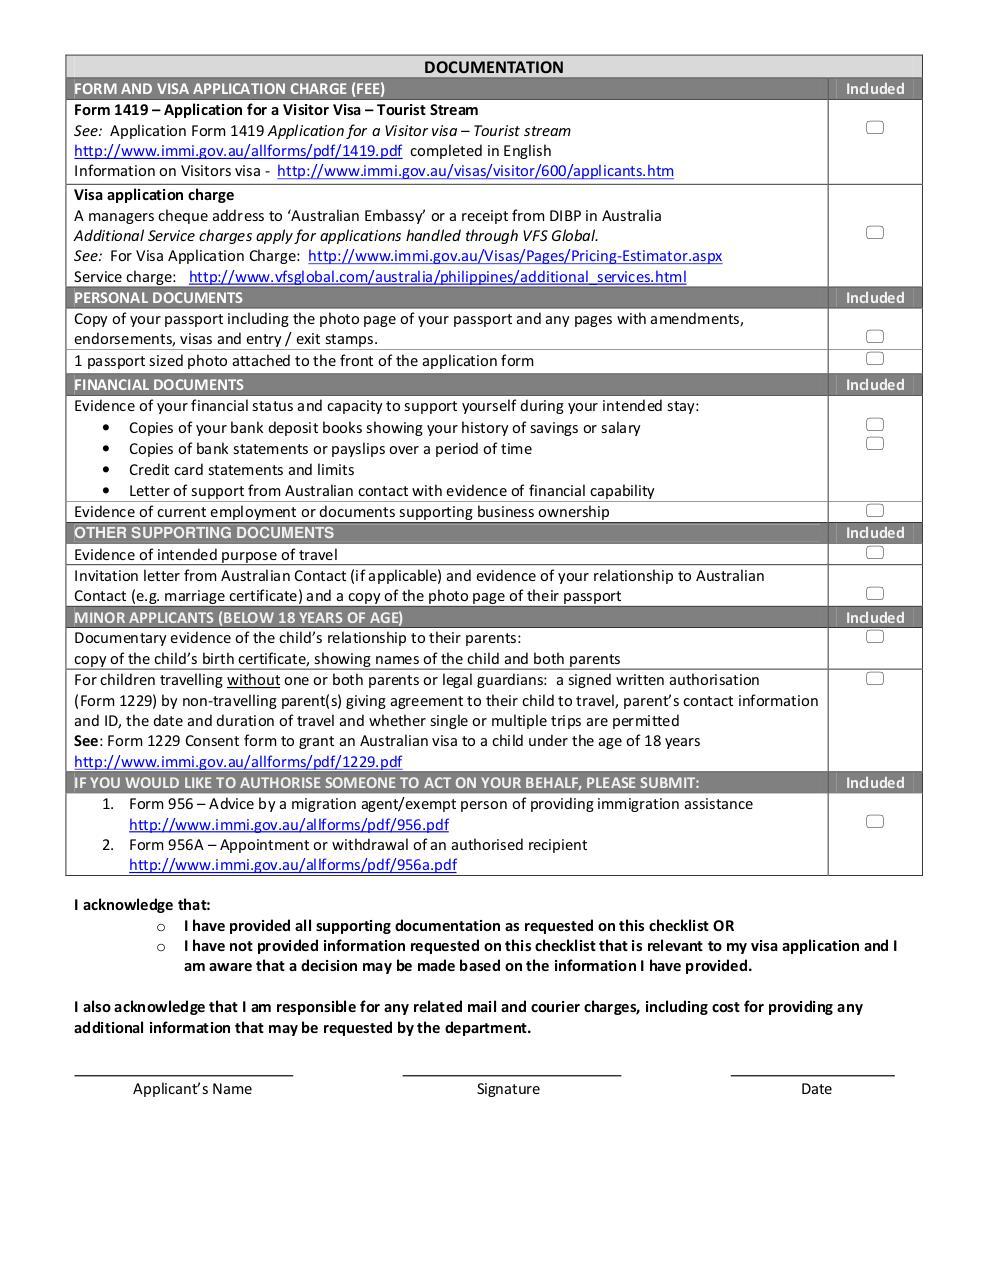 Microsoft word updated 600 tourist stream checklist 24 for Documents checklist visa 600